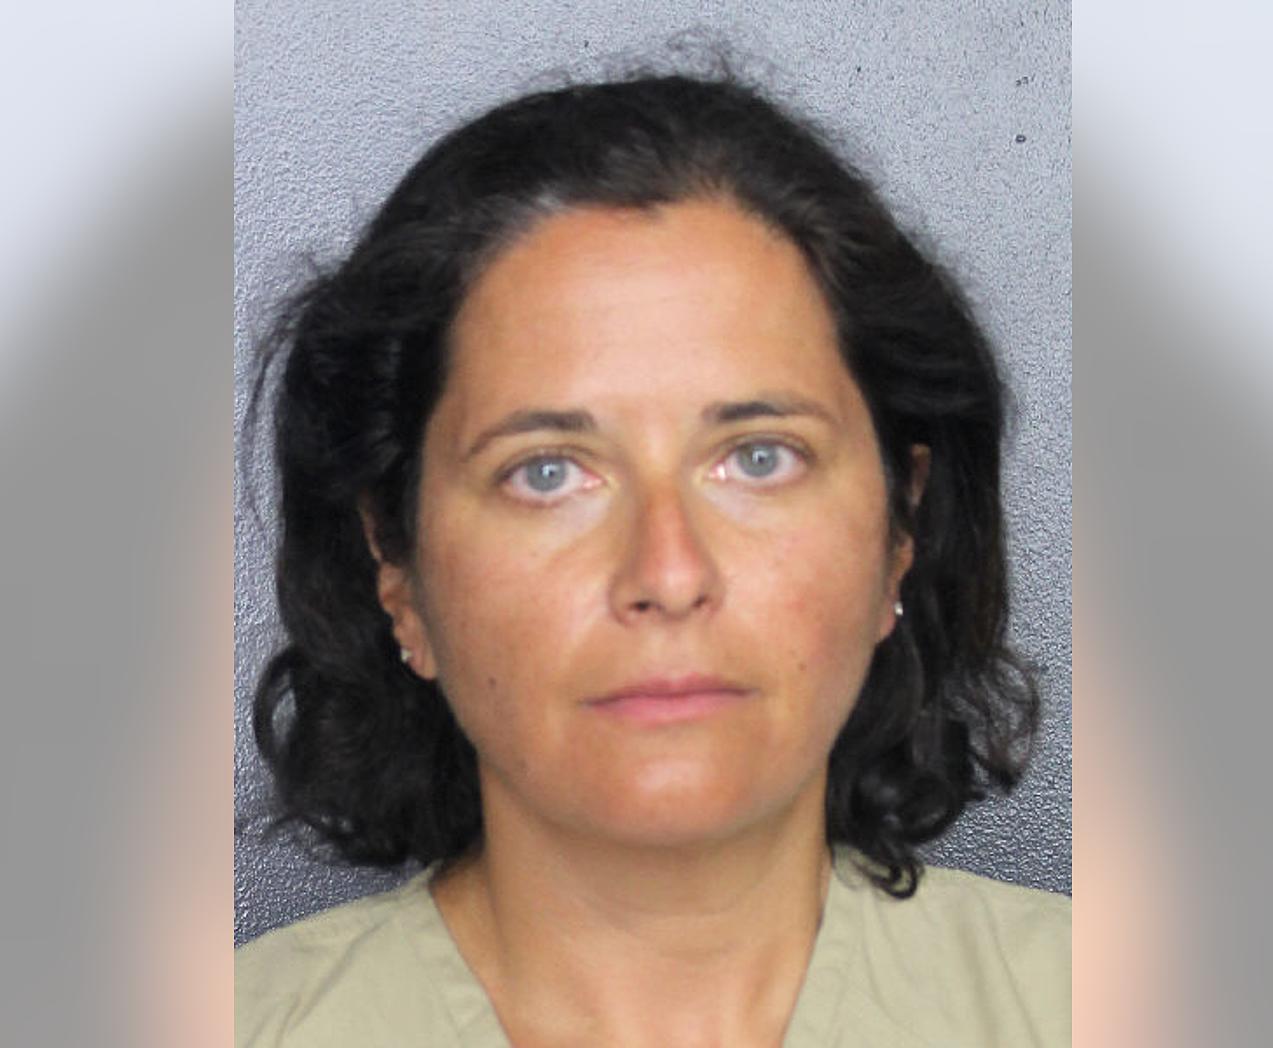 Marina Verbitsky nói dối có bom trong hành lý ký gửi để hoãn chuyến bay. Ảnh: Broward County Sheriffs Office)